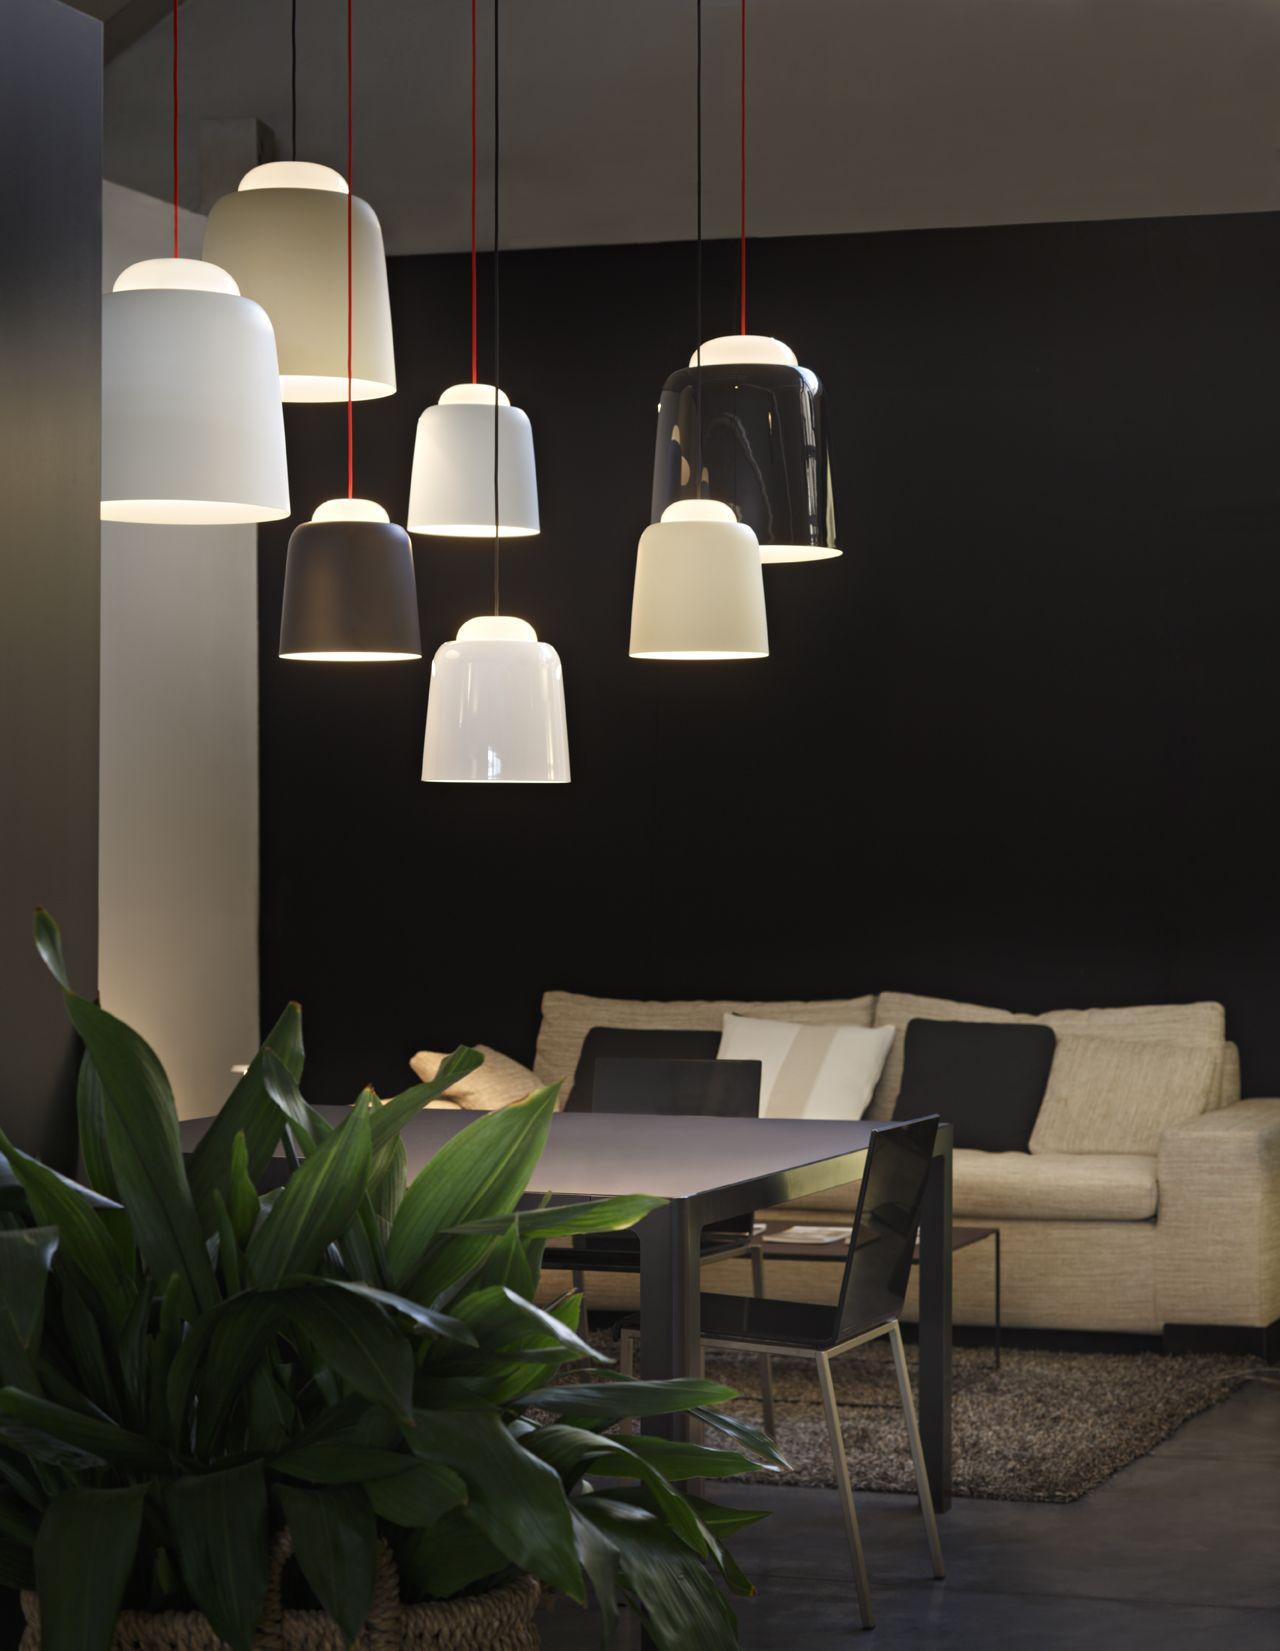 Prandina illuminazione design lampade moderne lampade da - Lampade moderne da tavolo ...